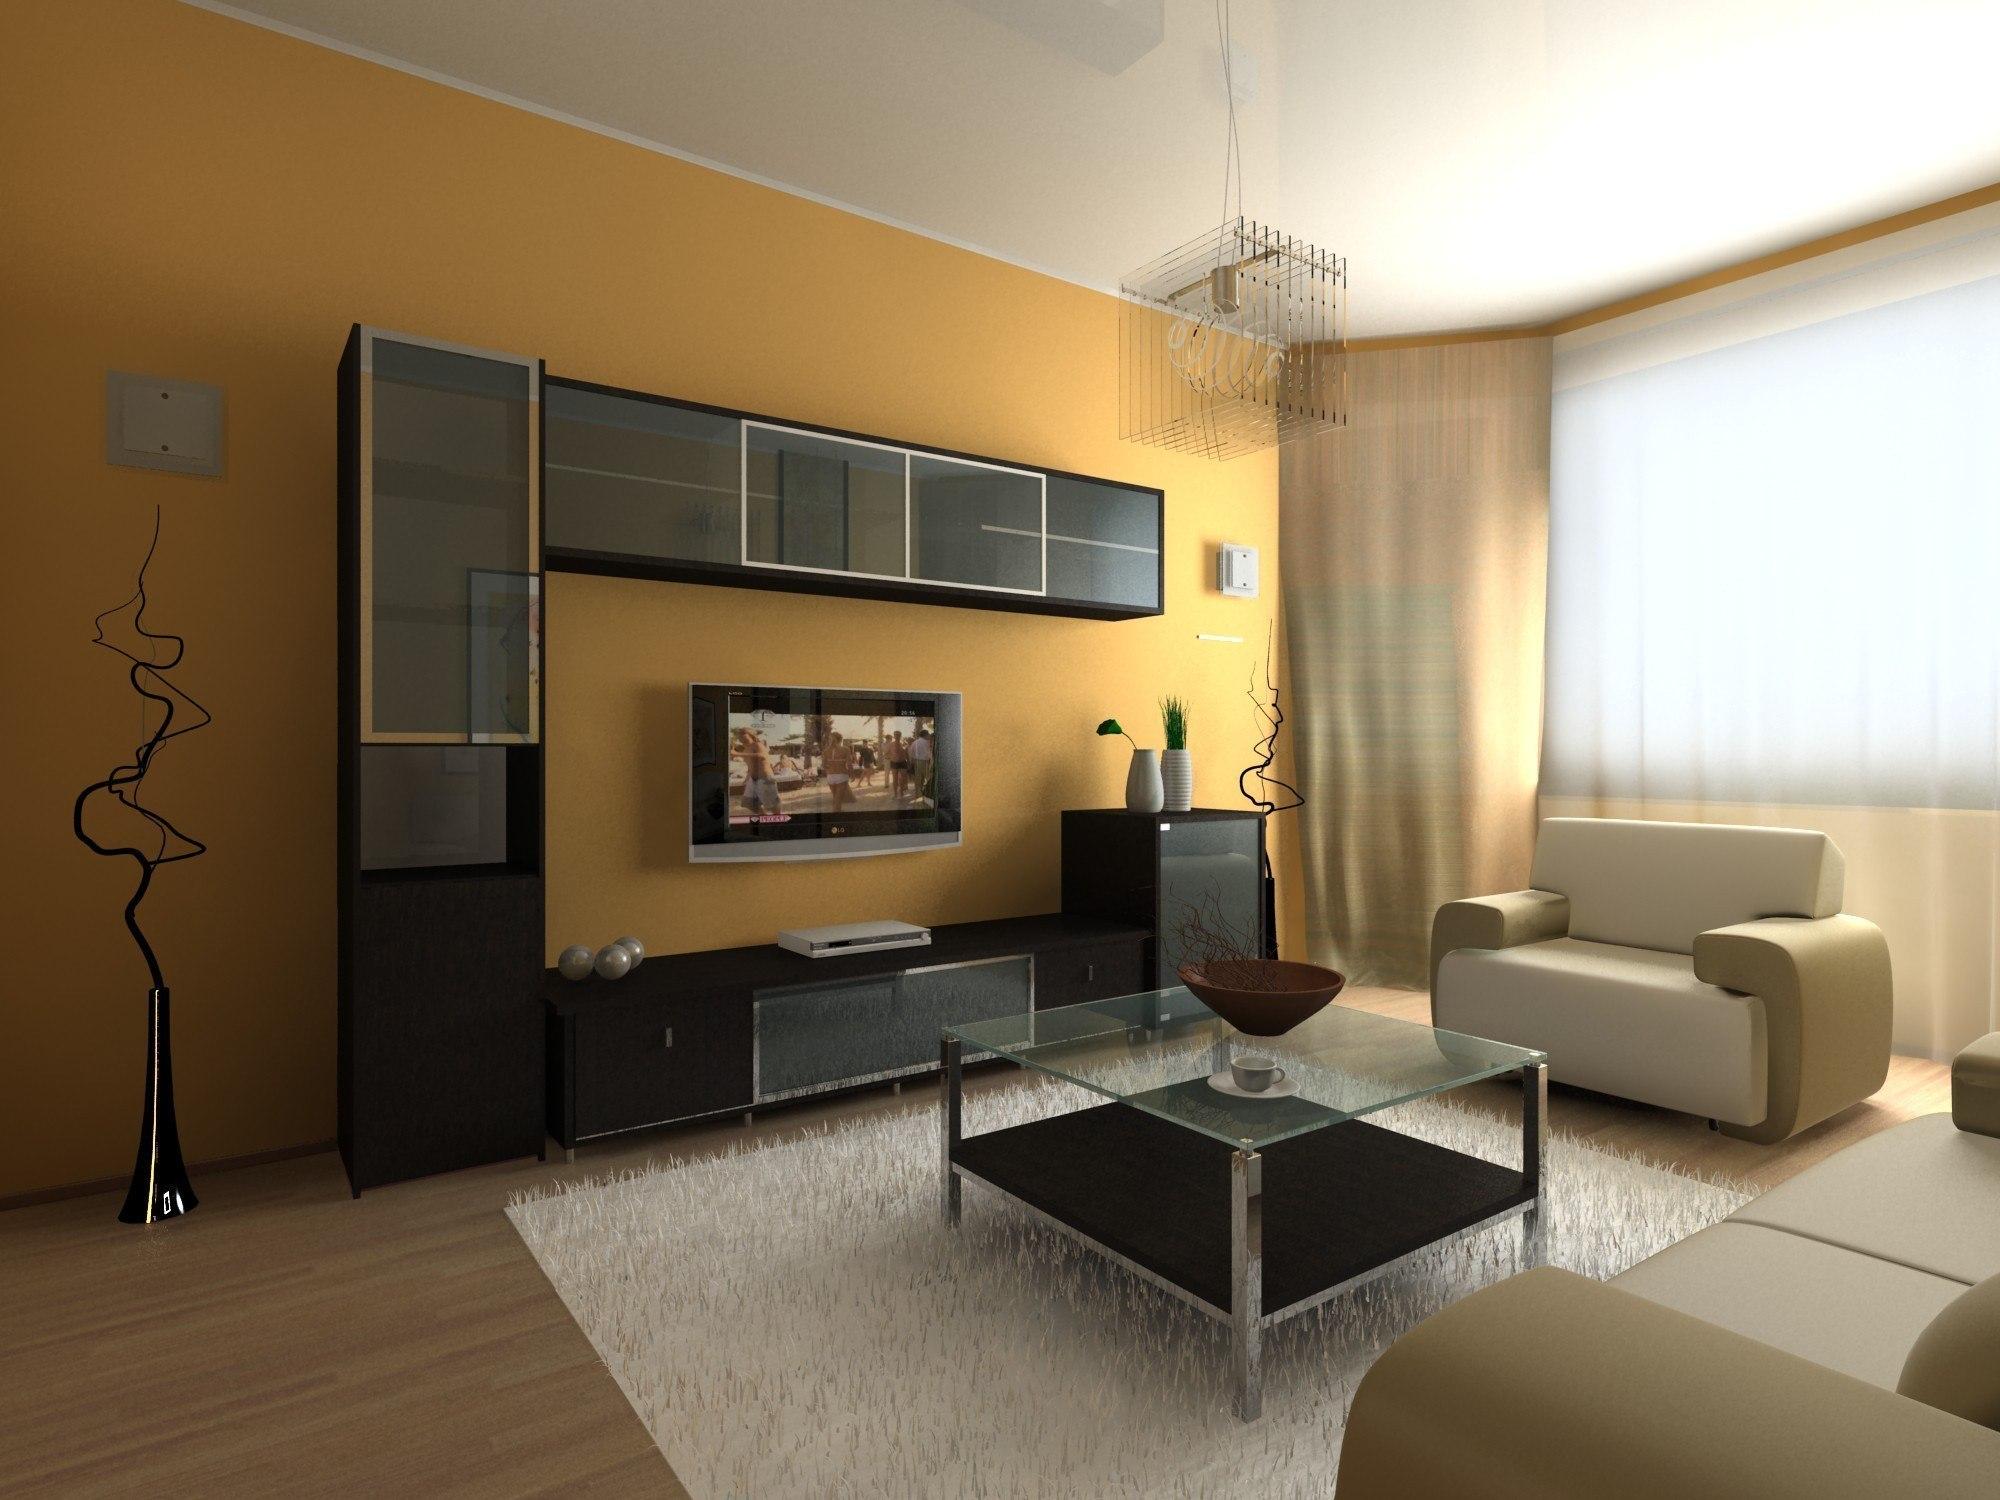 Ремонты квартир дизайны фото бюджетный вариант